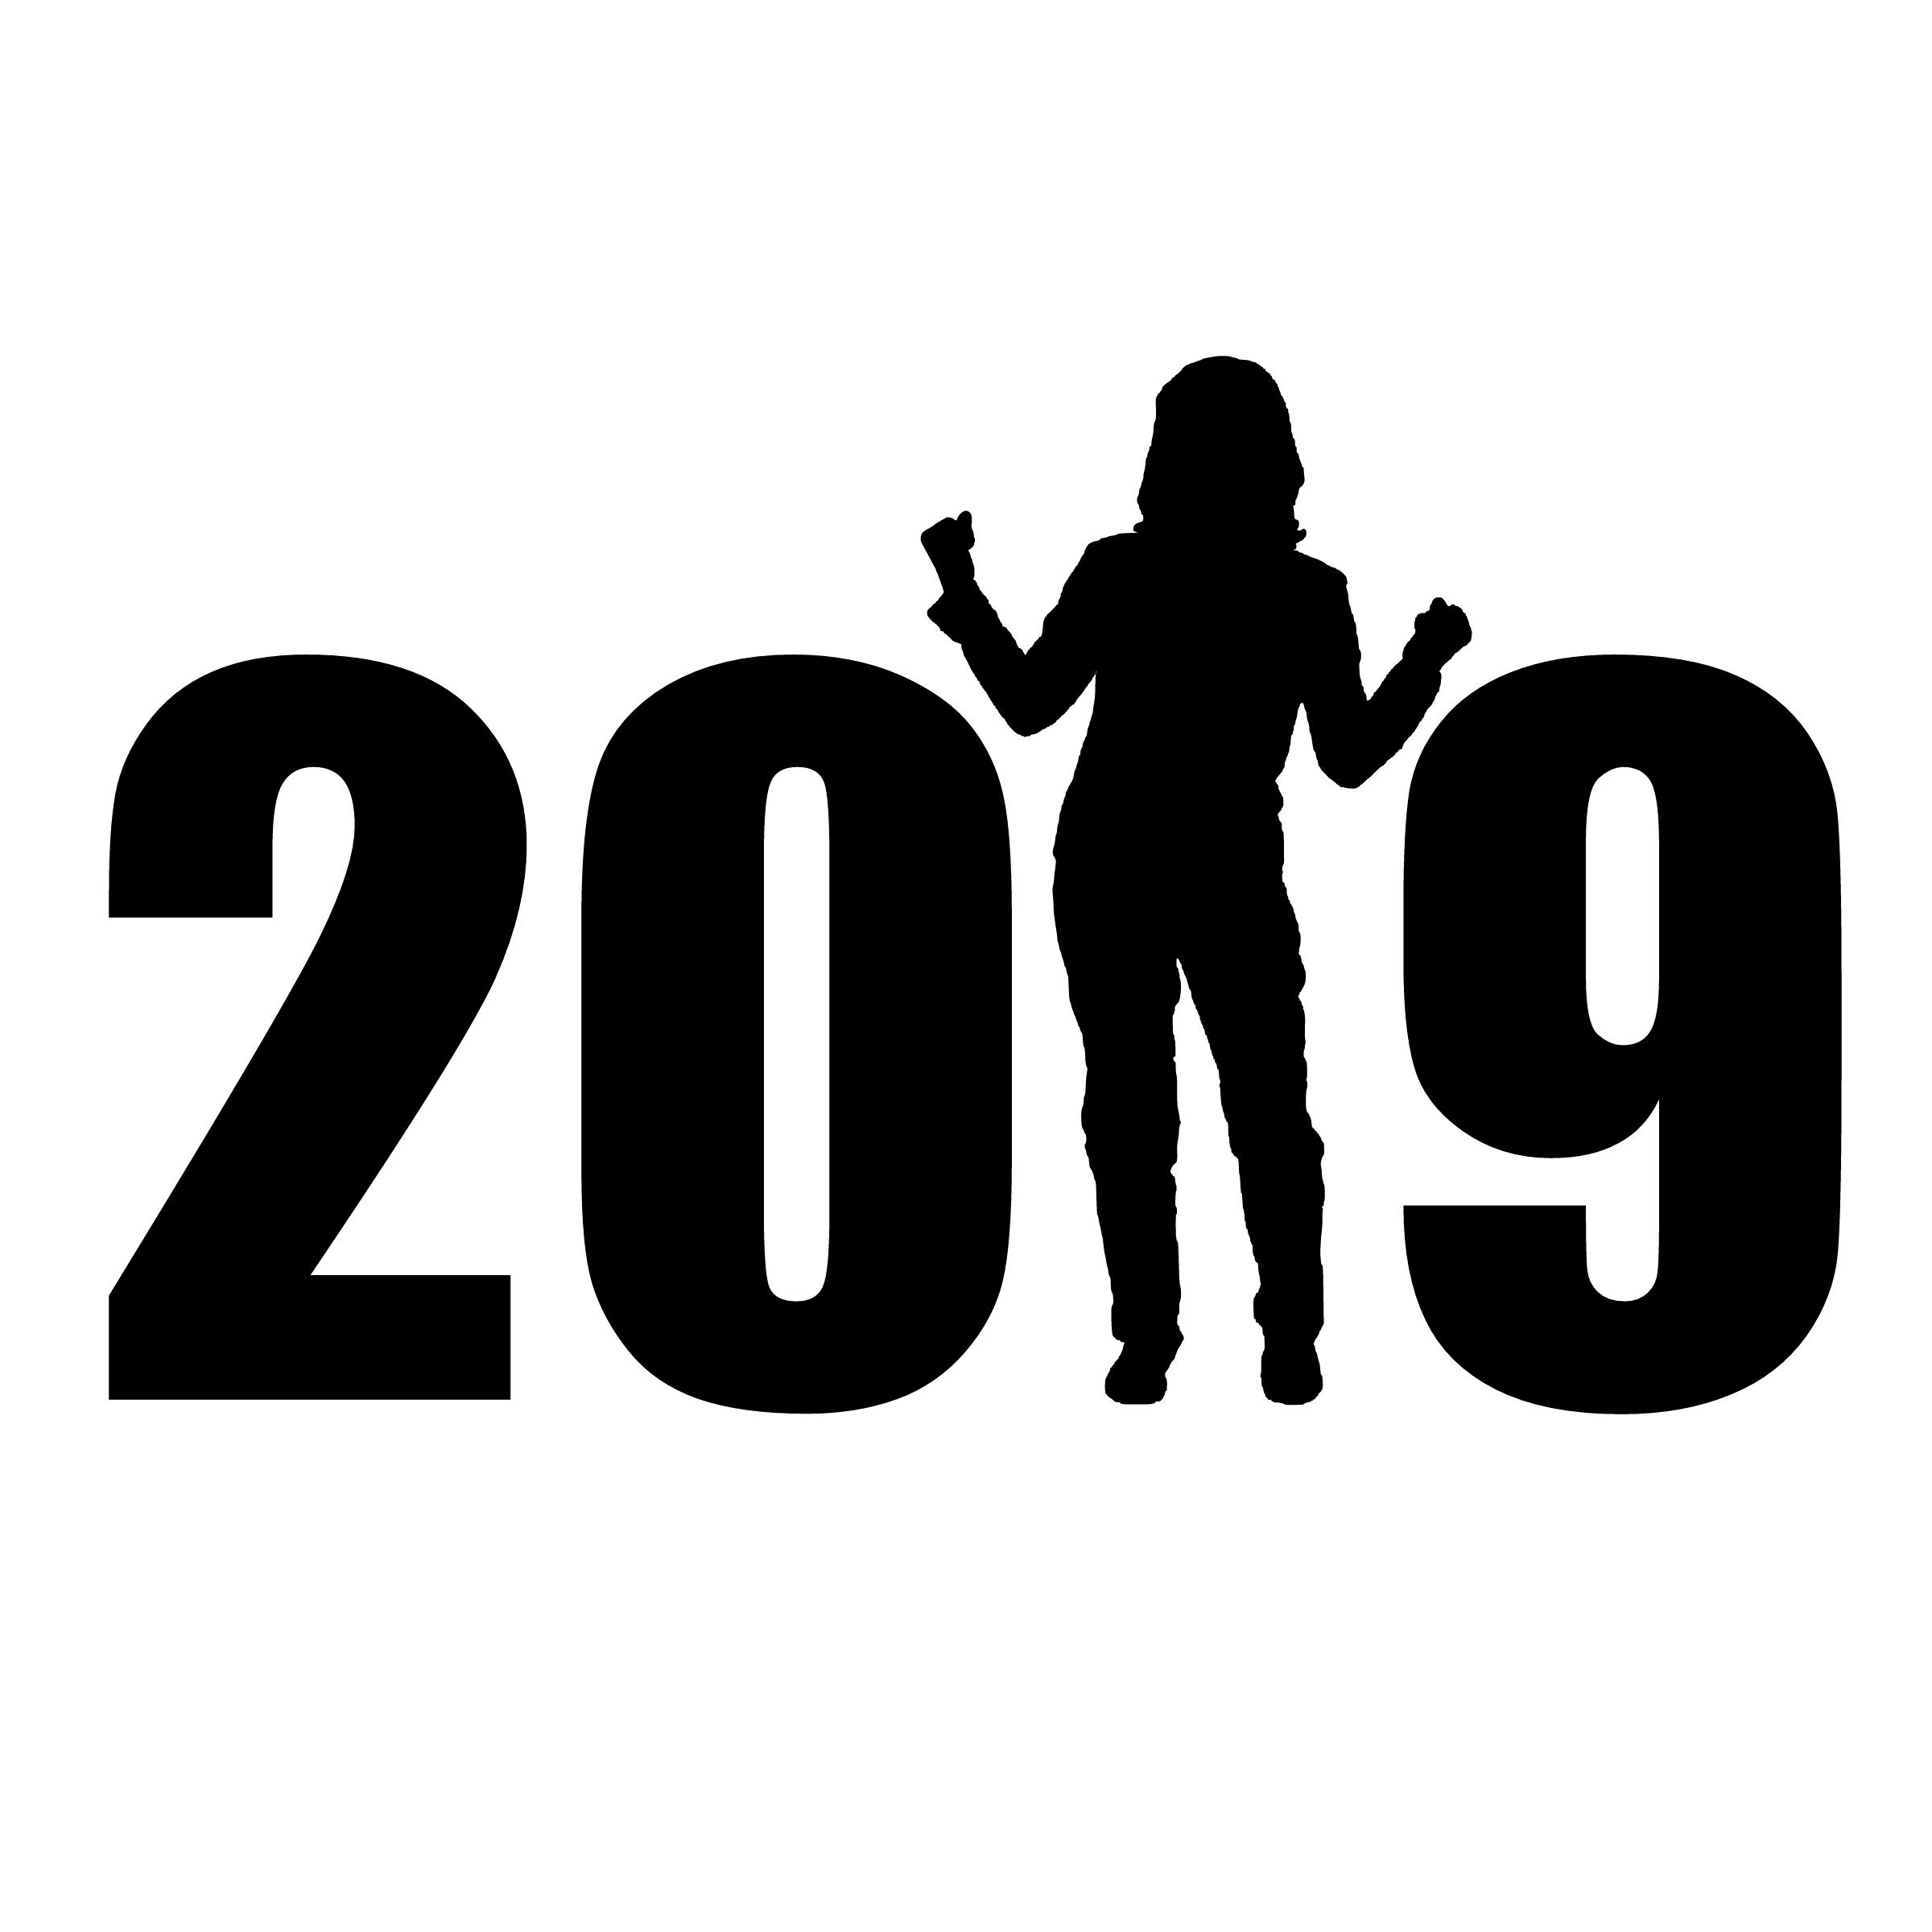 Kostenlose Foto : Neujahr, 2019, Frau, Lebensstil, Verlassen, Bestimmung,  Silvester, Erfolg, Aspirationen, Glück, Verbesserung, Menschen, Silhouette,  Tag, ...